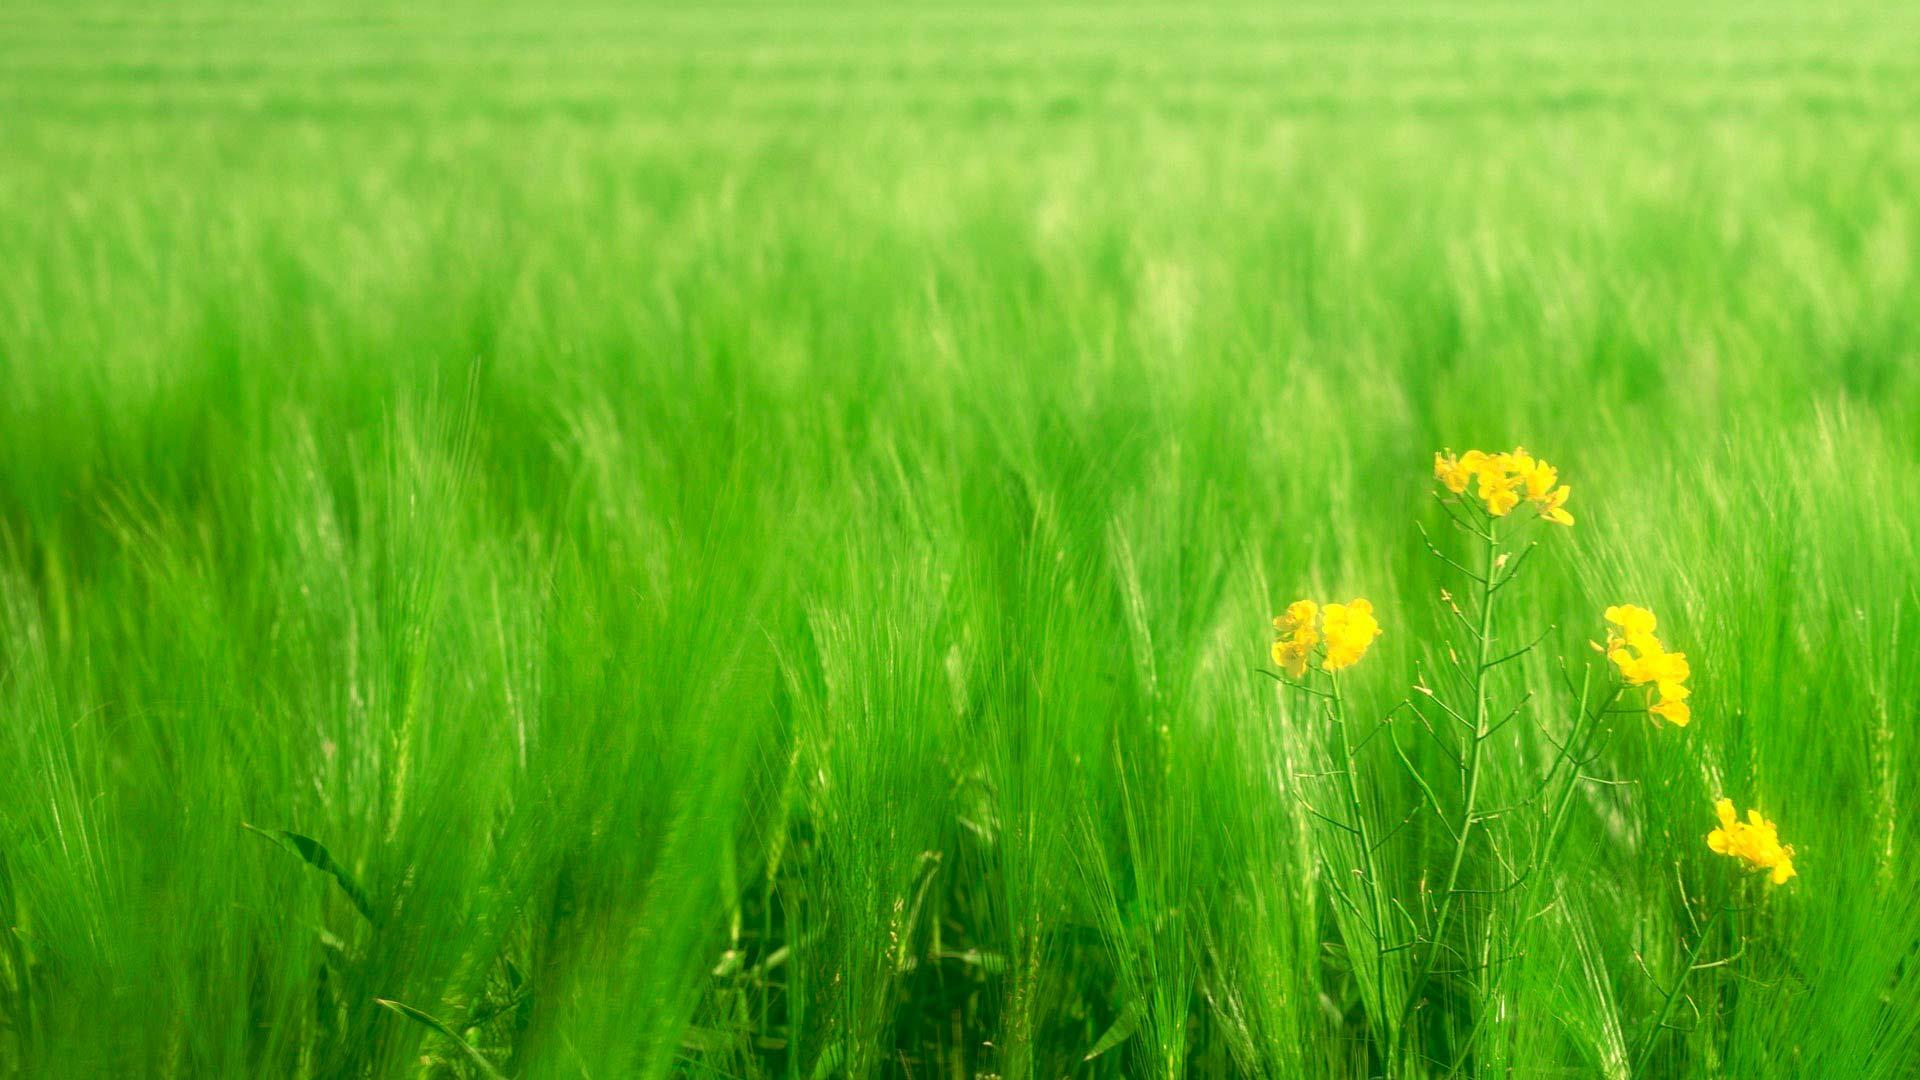 Обои трава и пшеница зеленая трава и